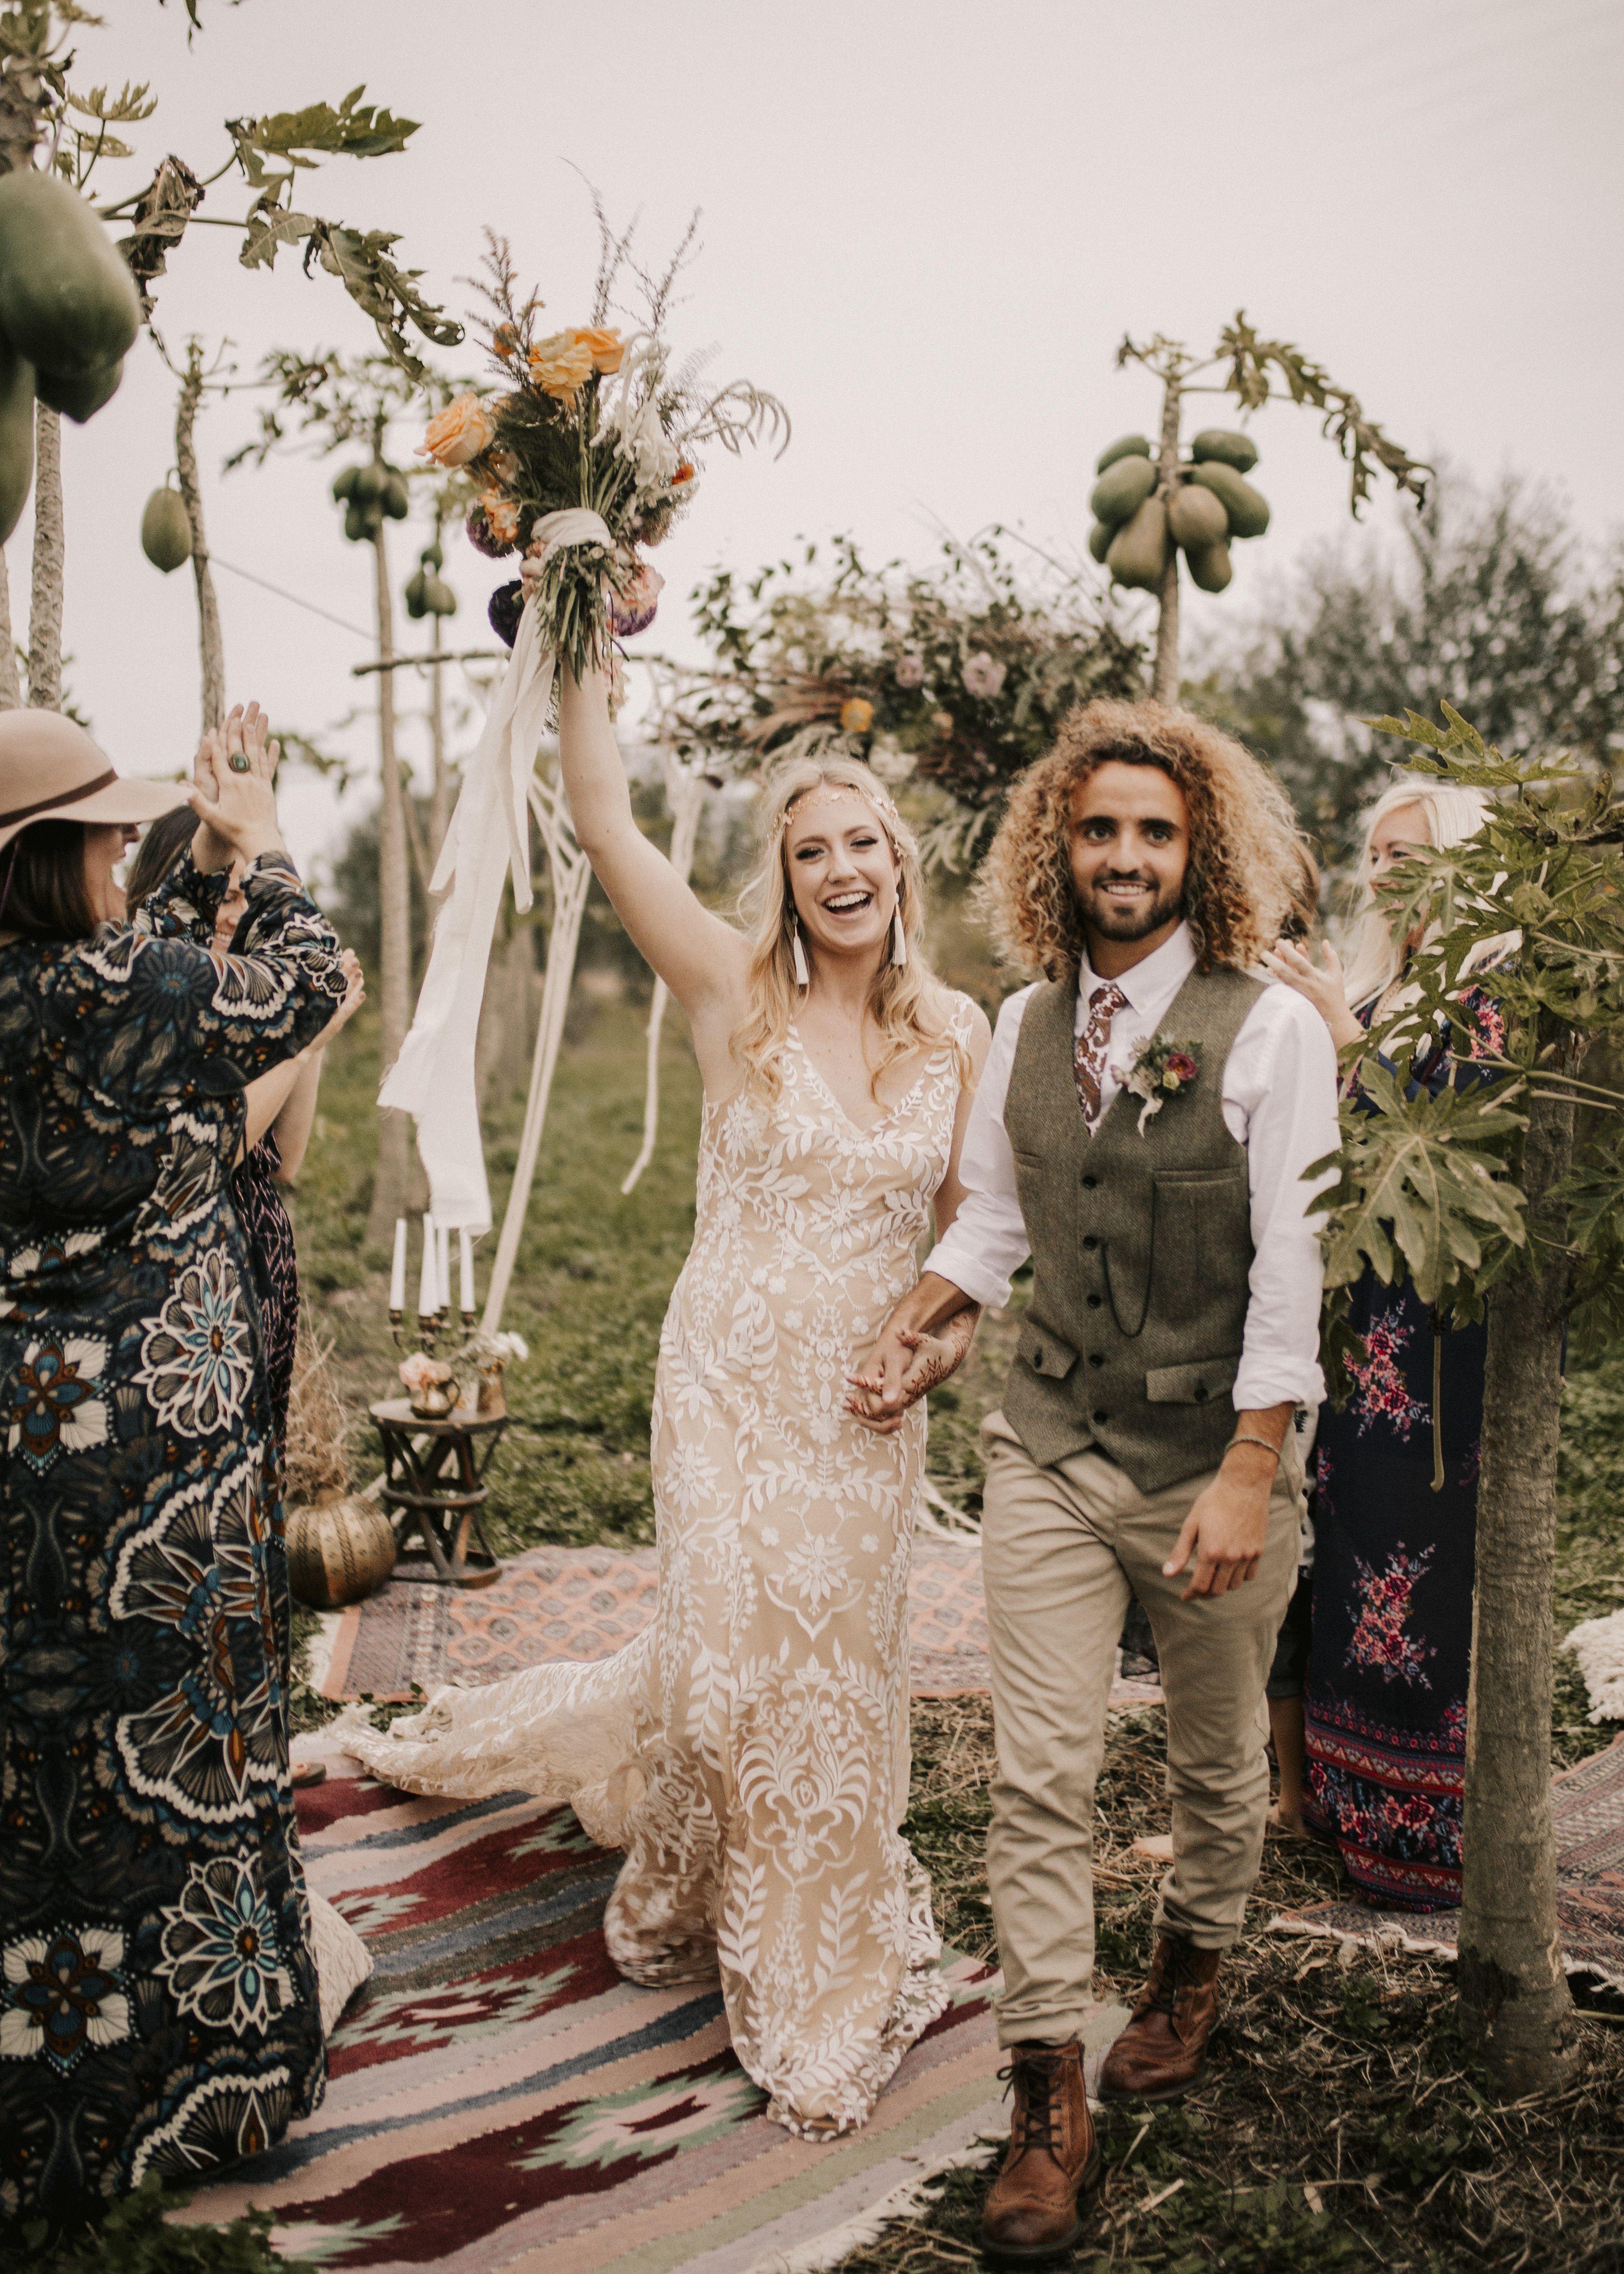 0da595f49a Beachfront Vow Renewal at Carmine's Ocean Grill in Palm Beach Gardens, FL |  Beachside Matrimonies | Palm beach wedding, Palm beach gardens, Wedding  renewal ...